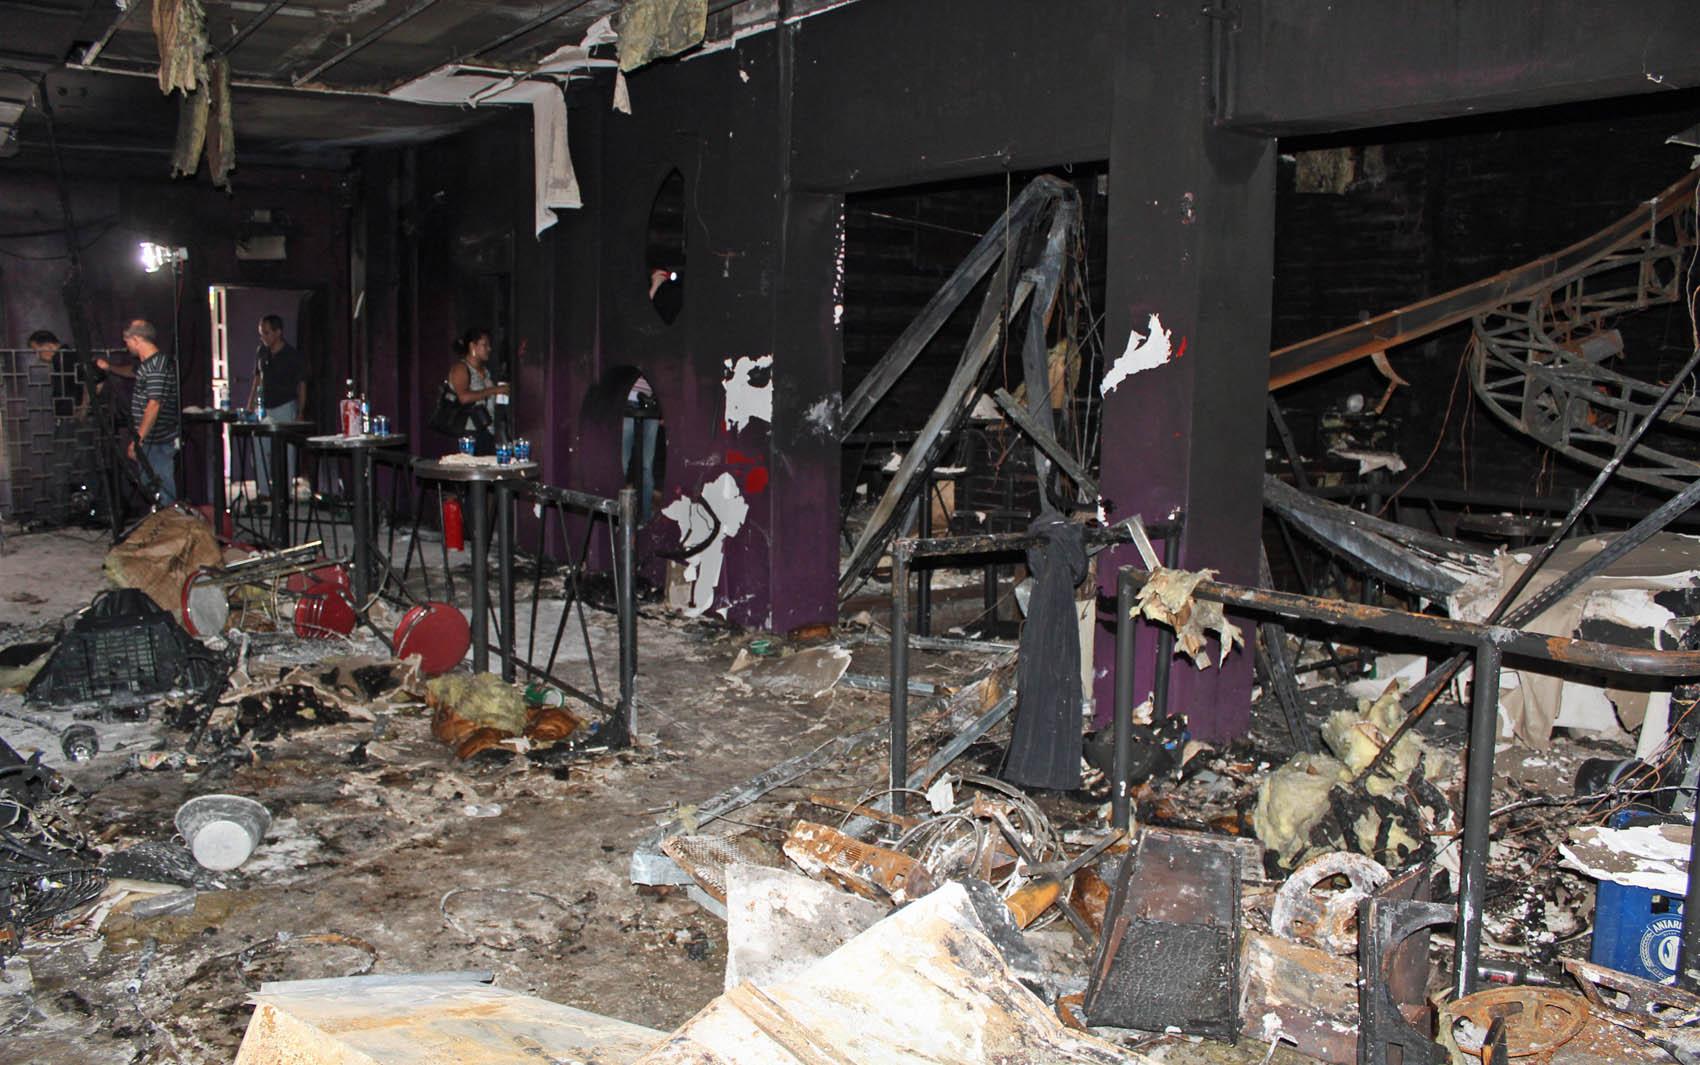 Foto divulgada pela polícia nesta terça (29) mostra o interior da boate Kiss destruído após tragédia